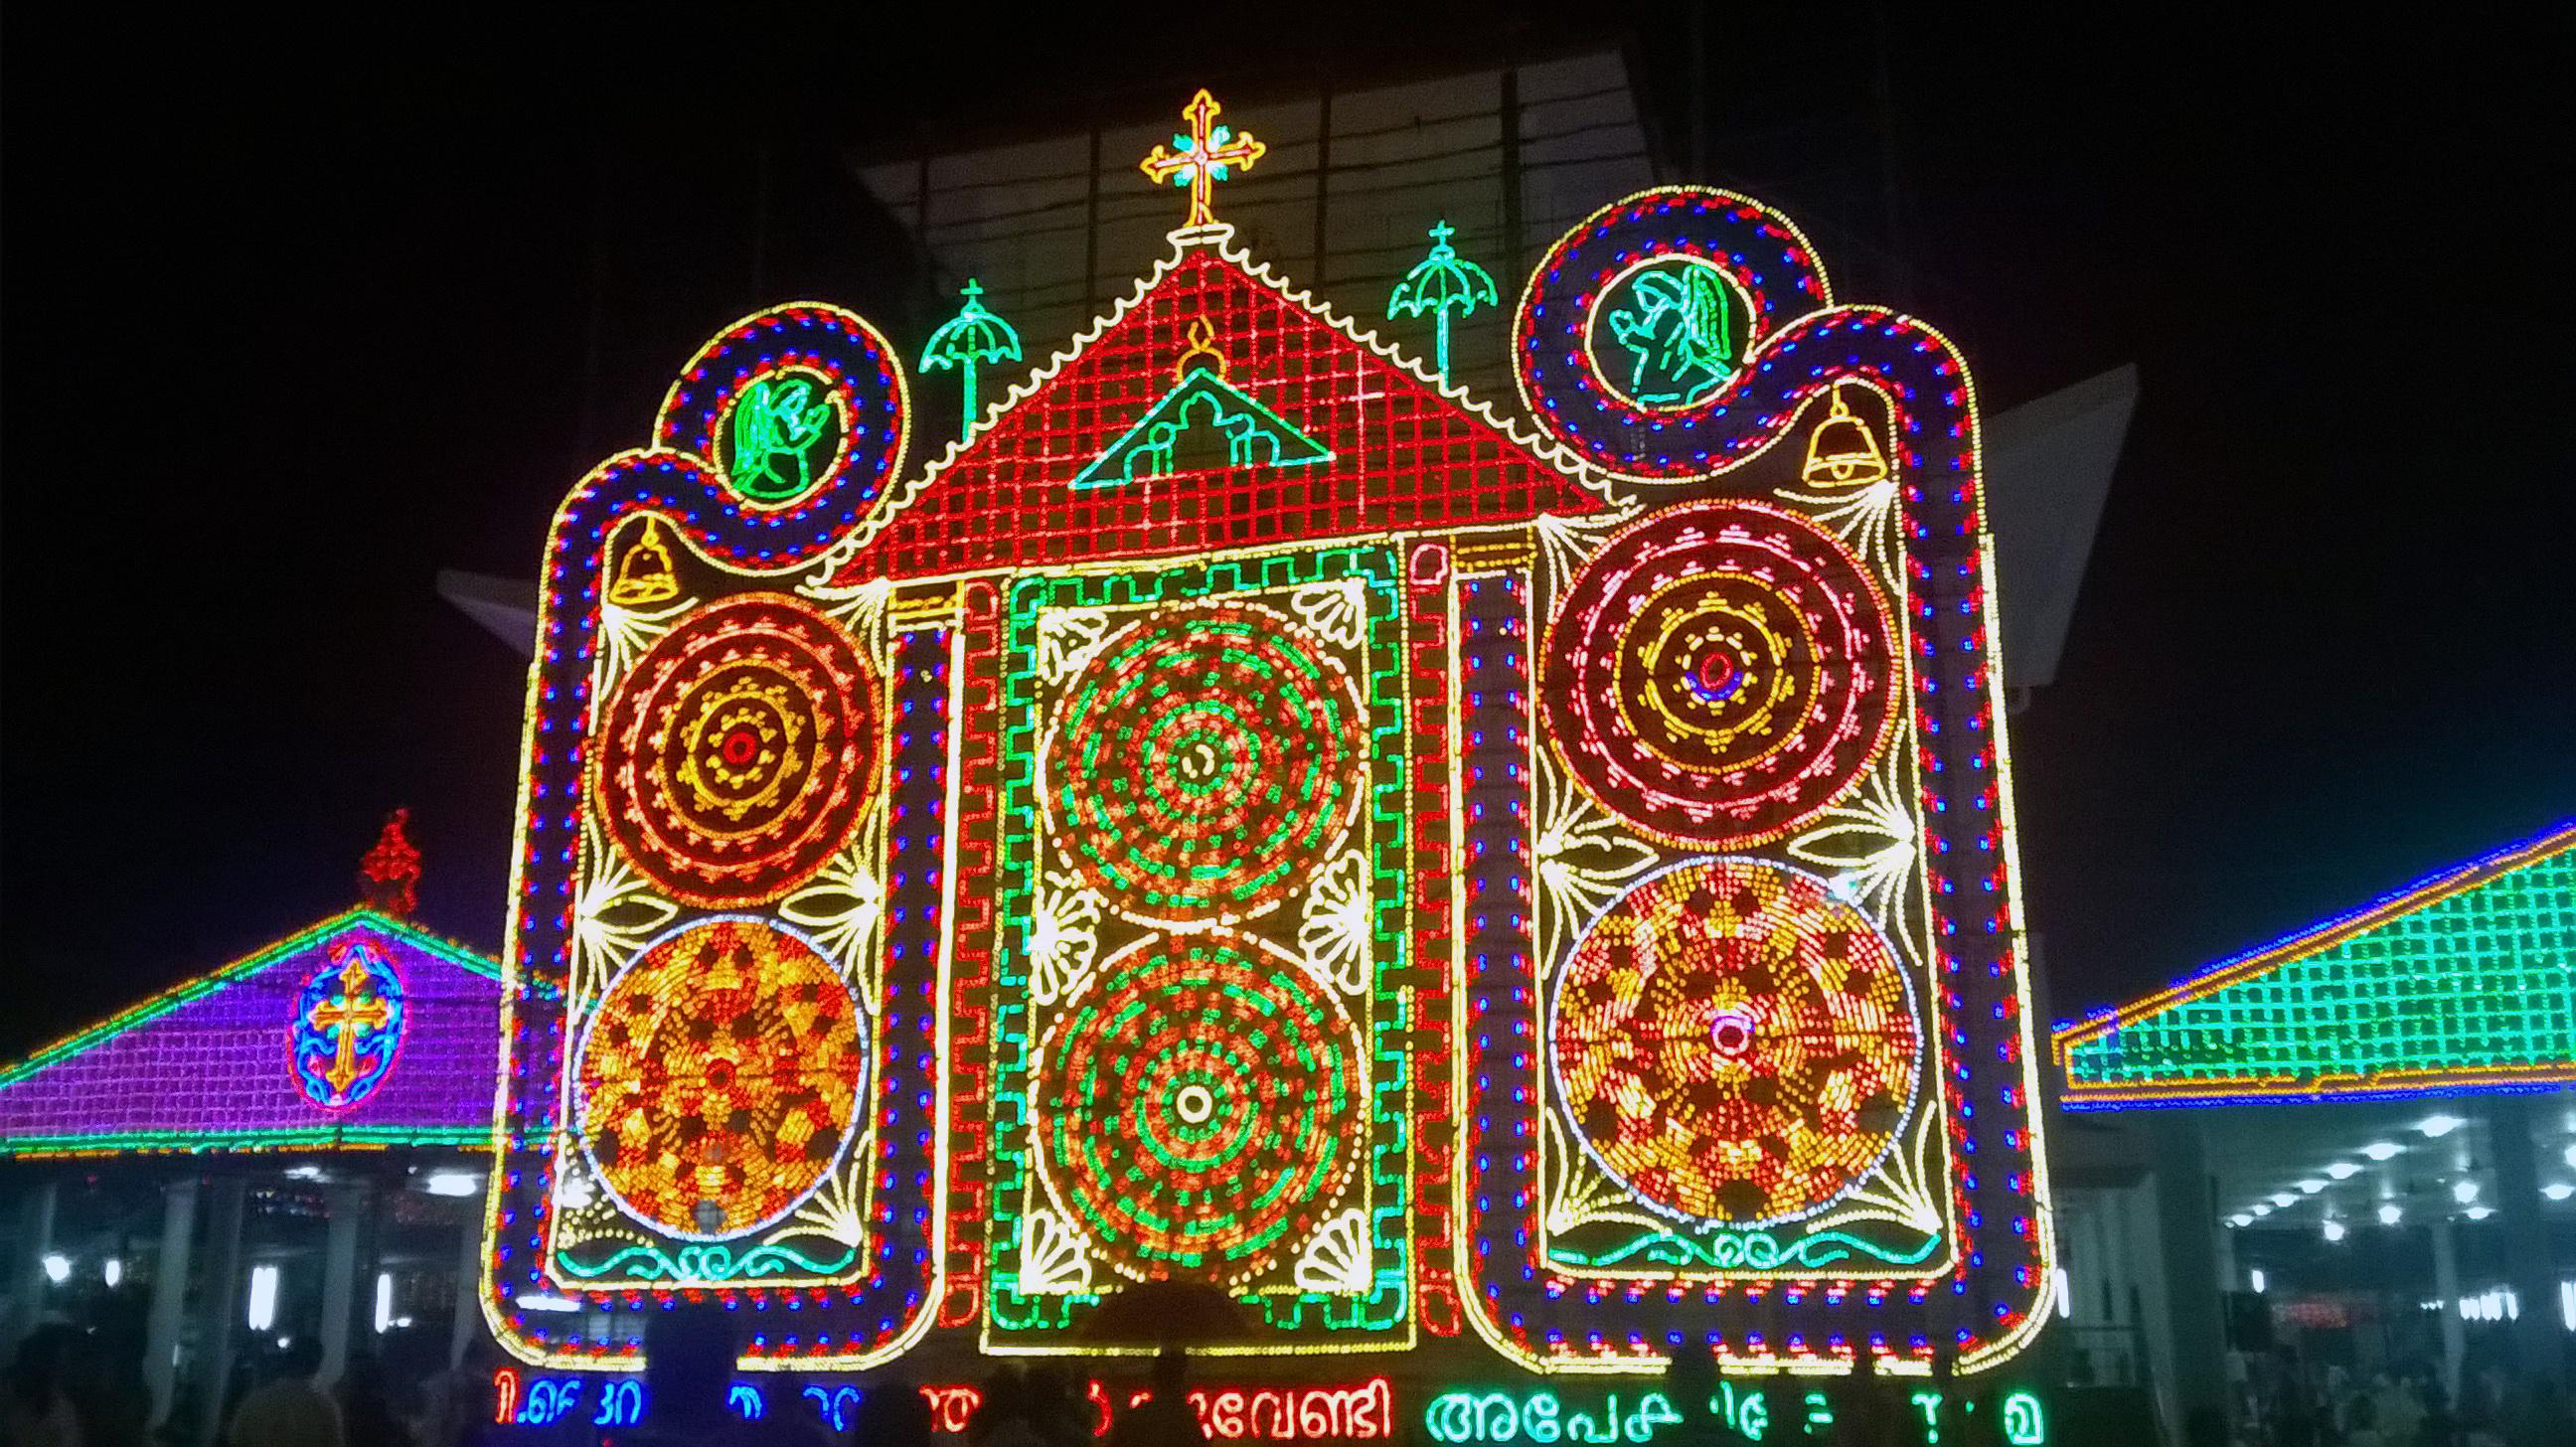 Light Patterns, Blue, Bulb, Bulbs, Church, HQ Photo